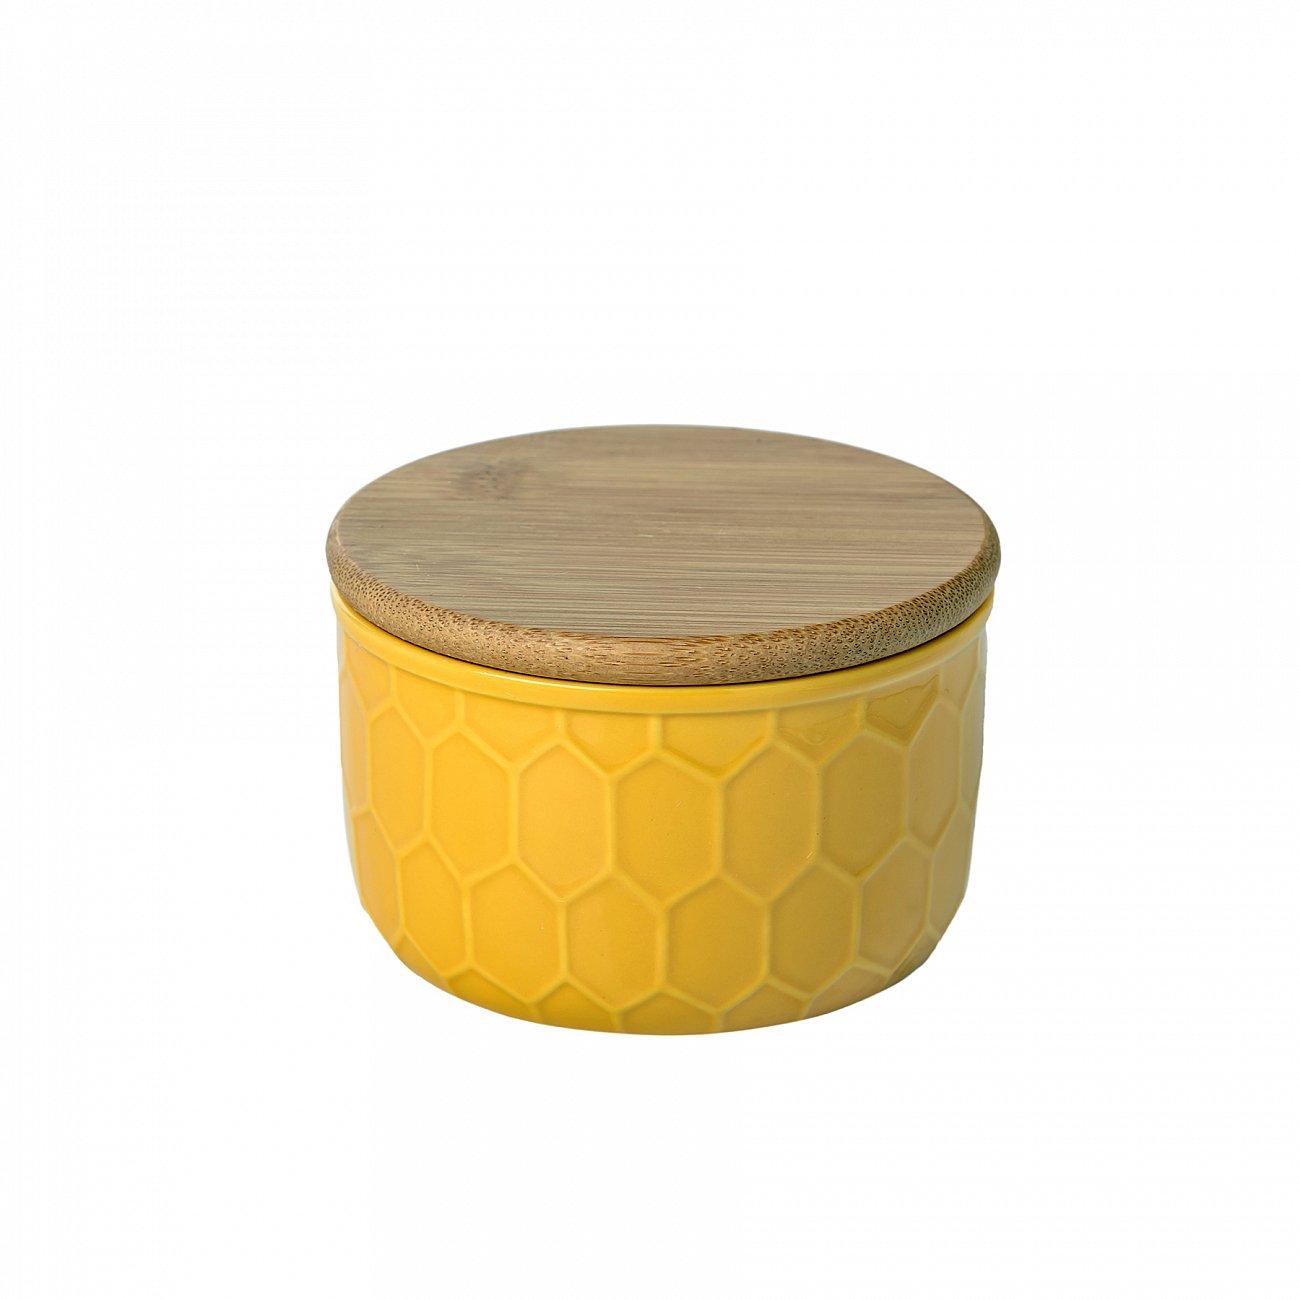 Купить Ёмкость для хранения Honeycomb Жёлтая Маленькая в интернет магазине дизайнерской мебели и аксессуаров для дома и дачи